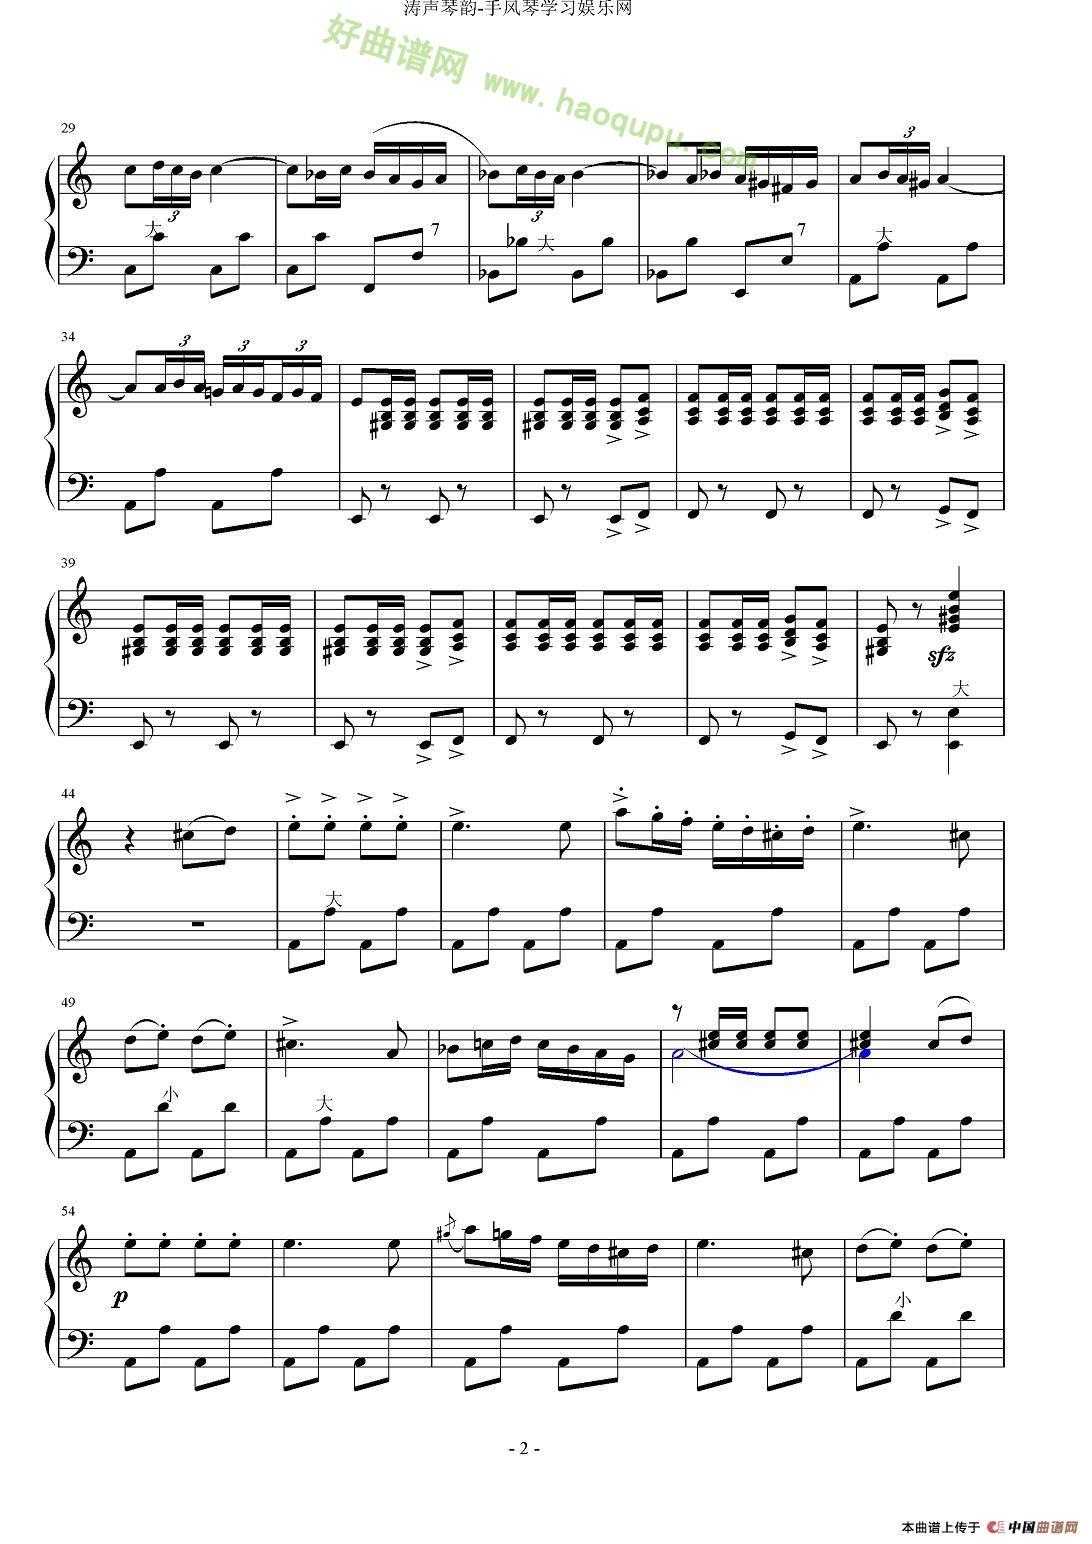 西班牙斗牛士 手风琴曲谱